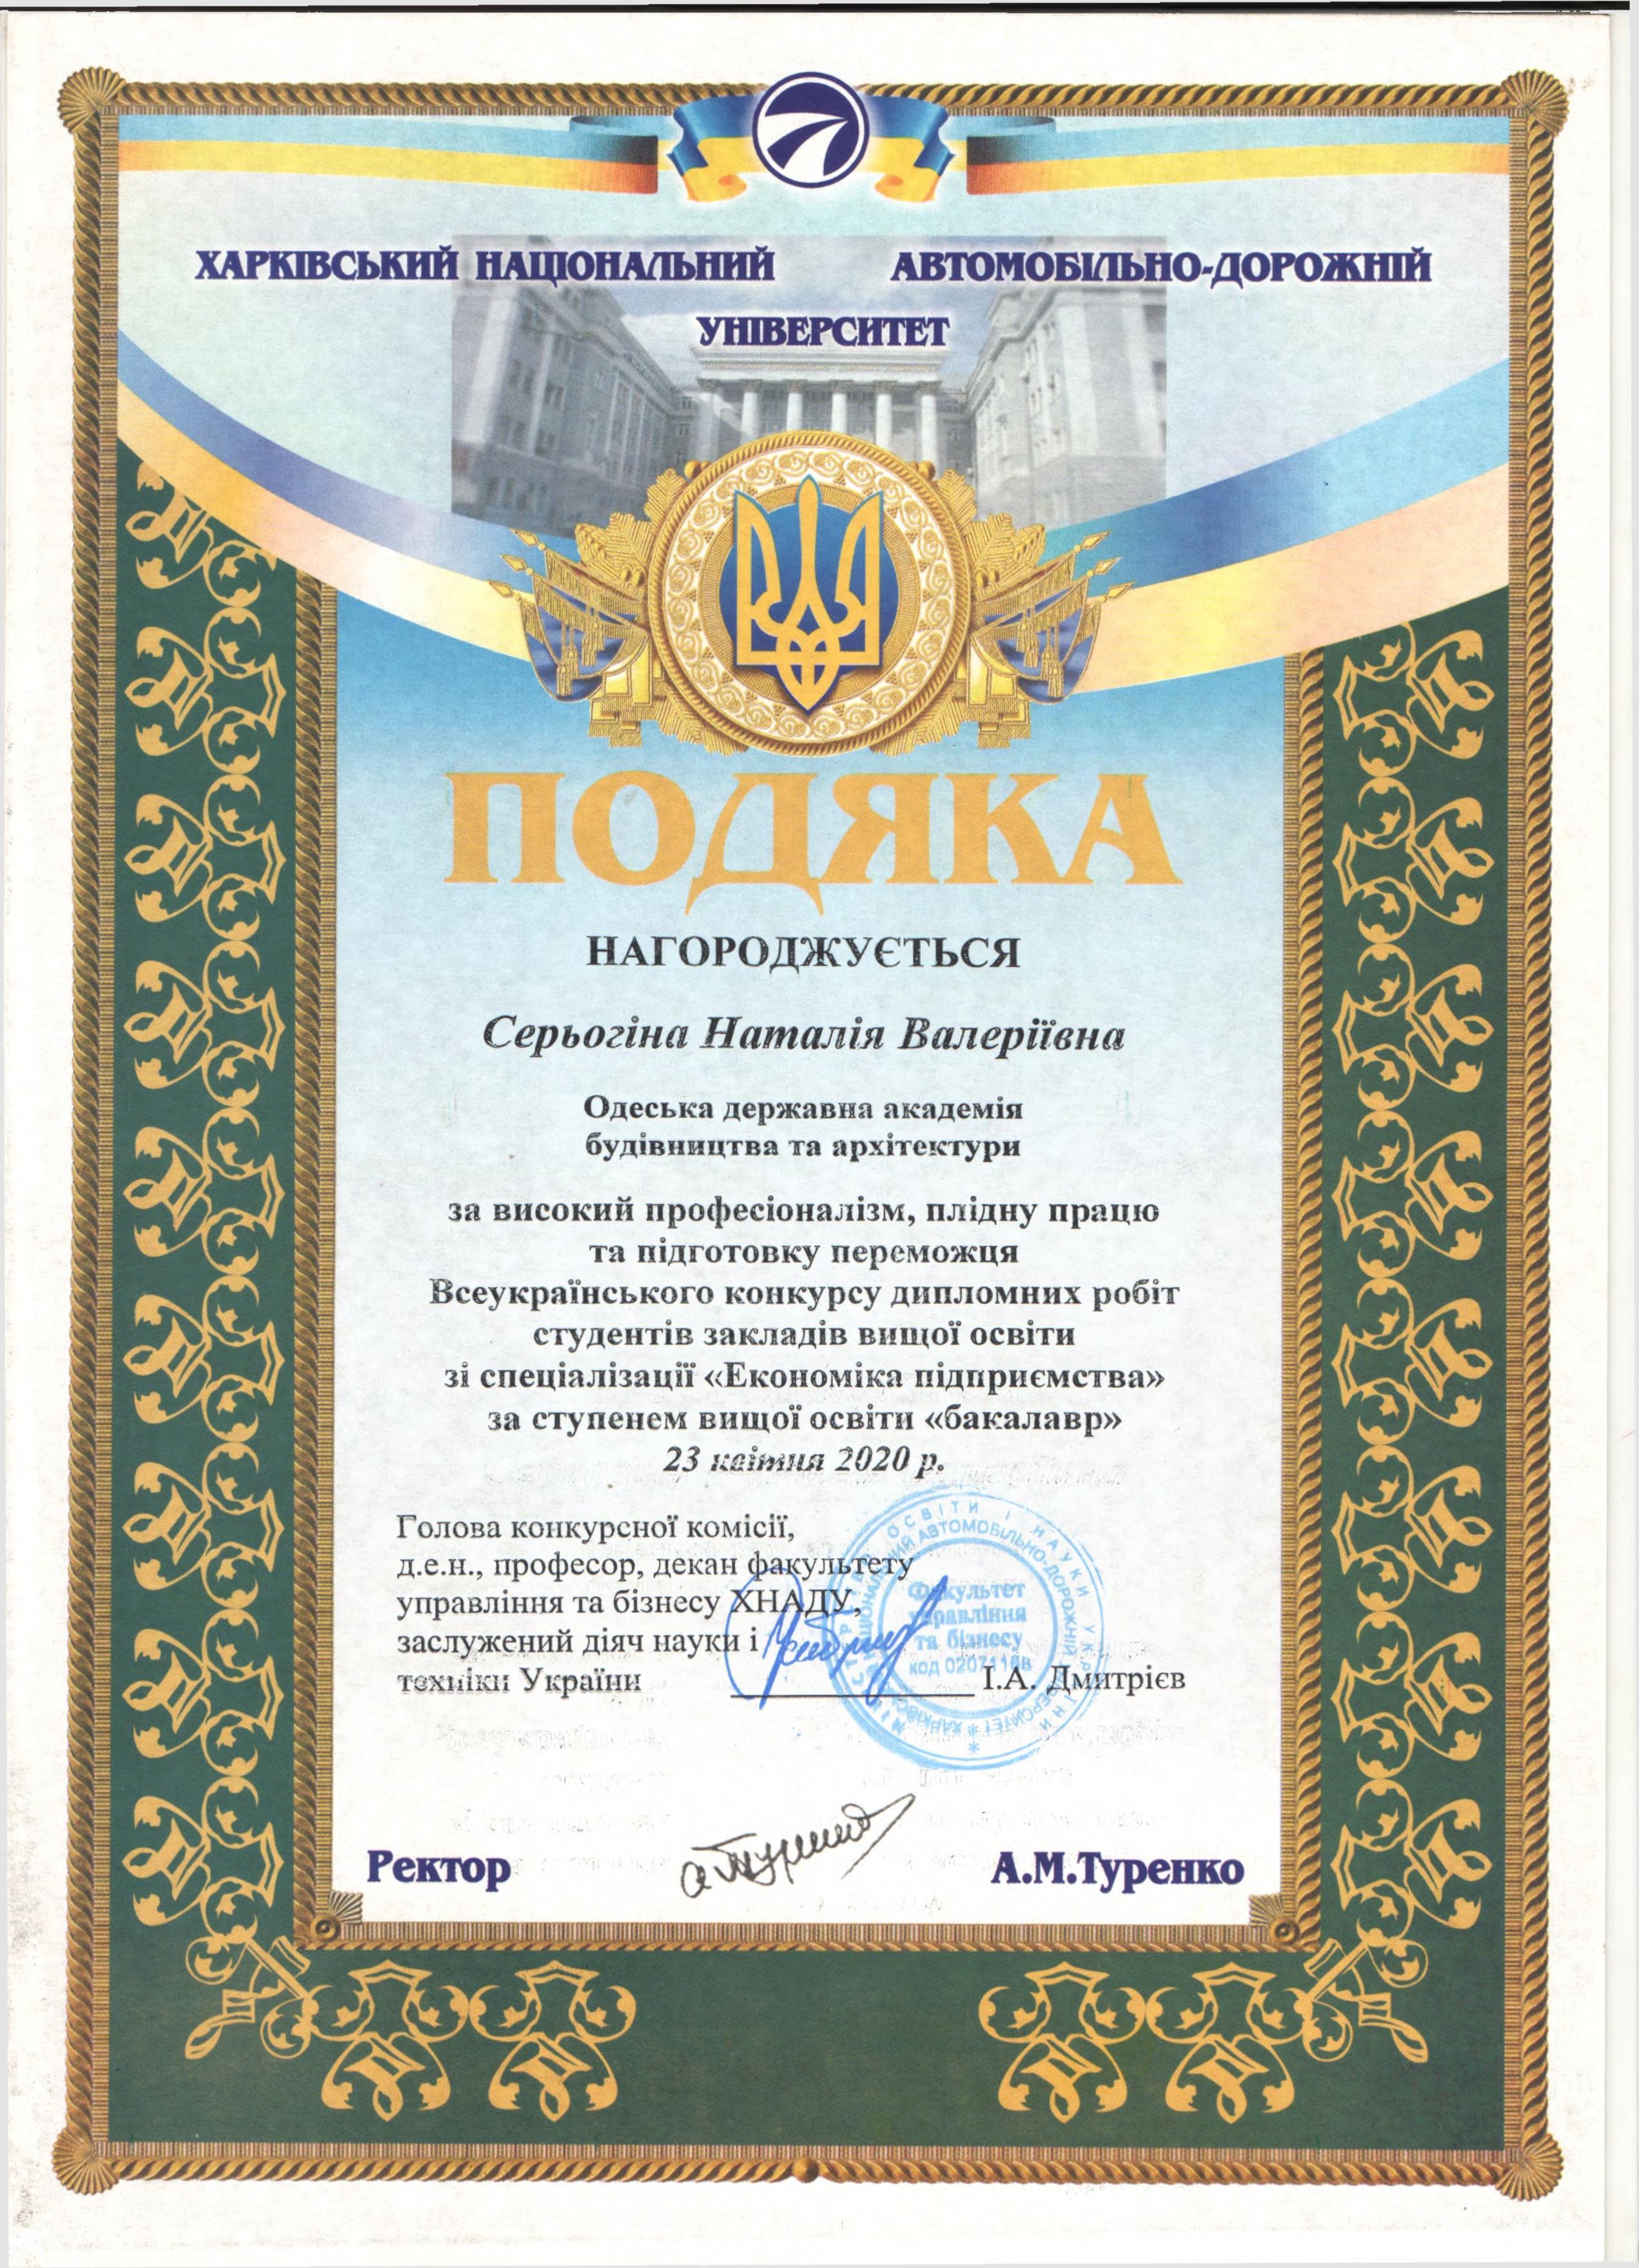 грамота конкурс дипломних робіт Економіка підприємства Серьогіна